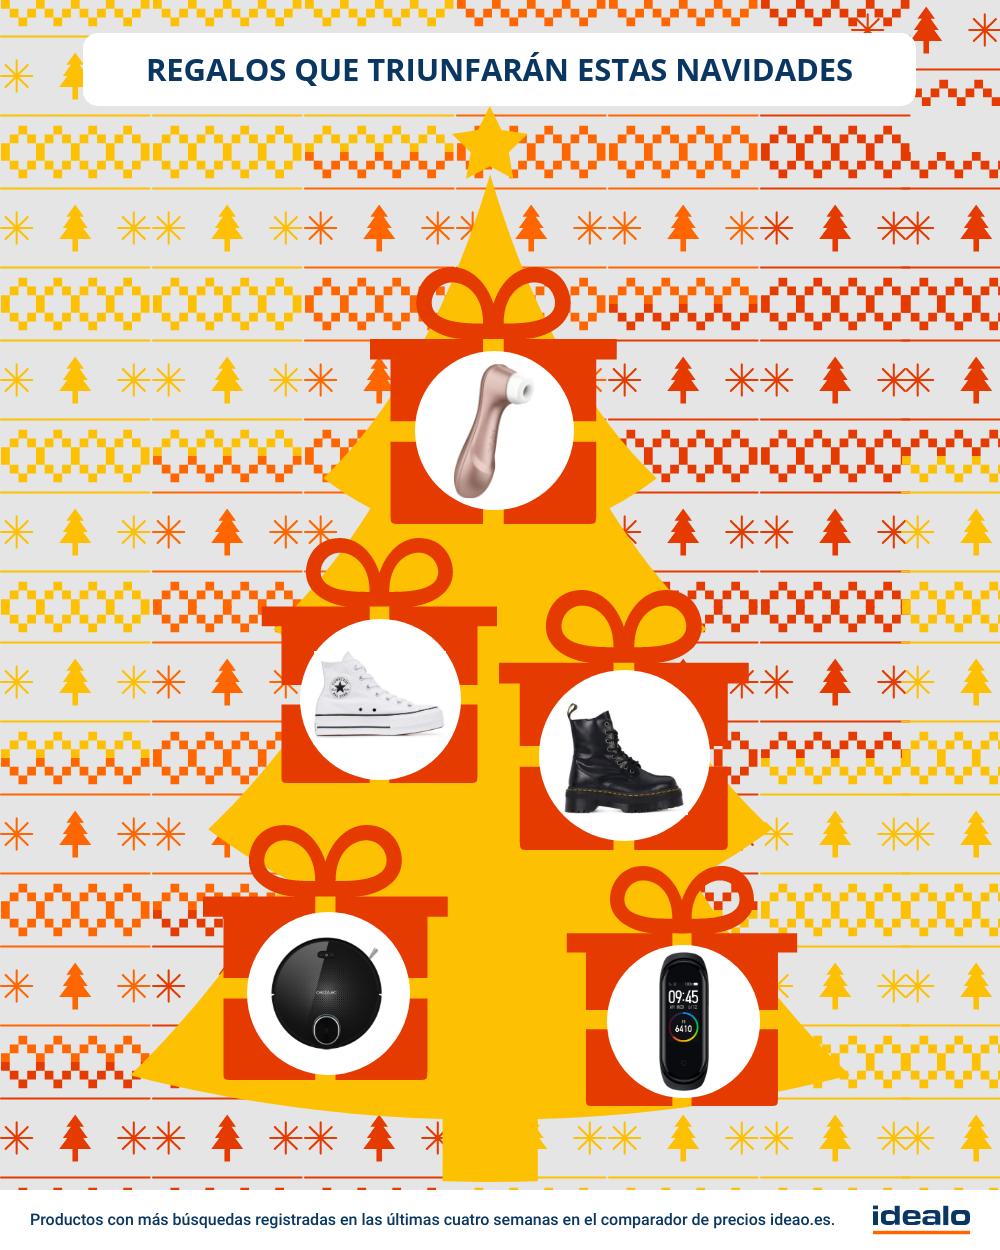 Satisfyer Pro 2: el regalo más deseado para estas Navidades 2